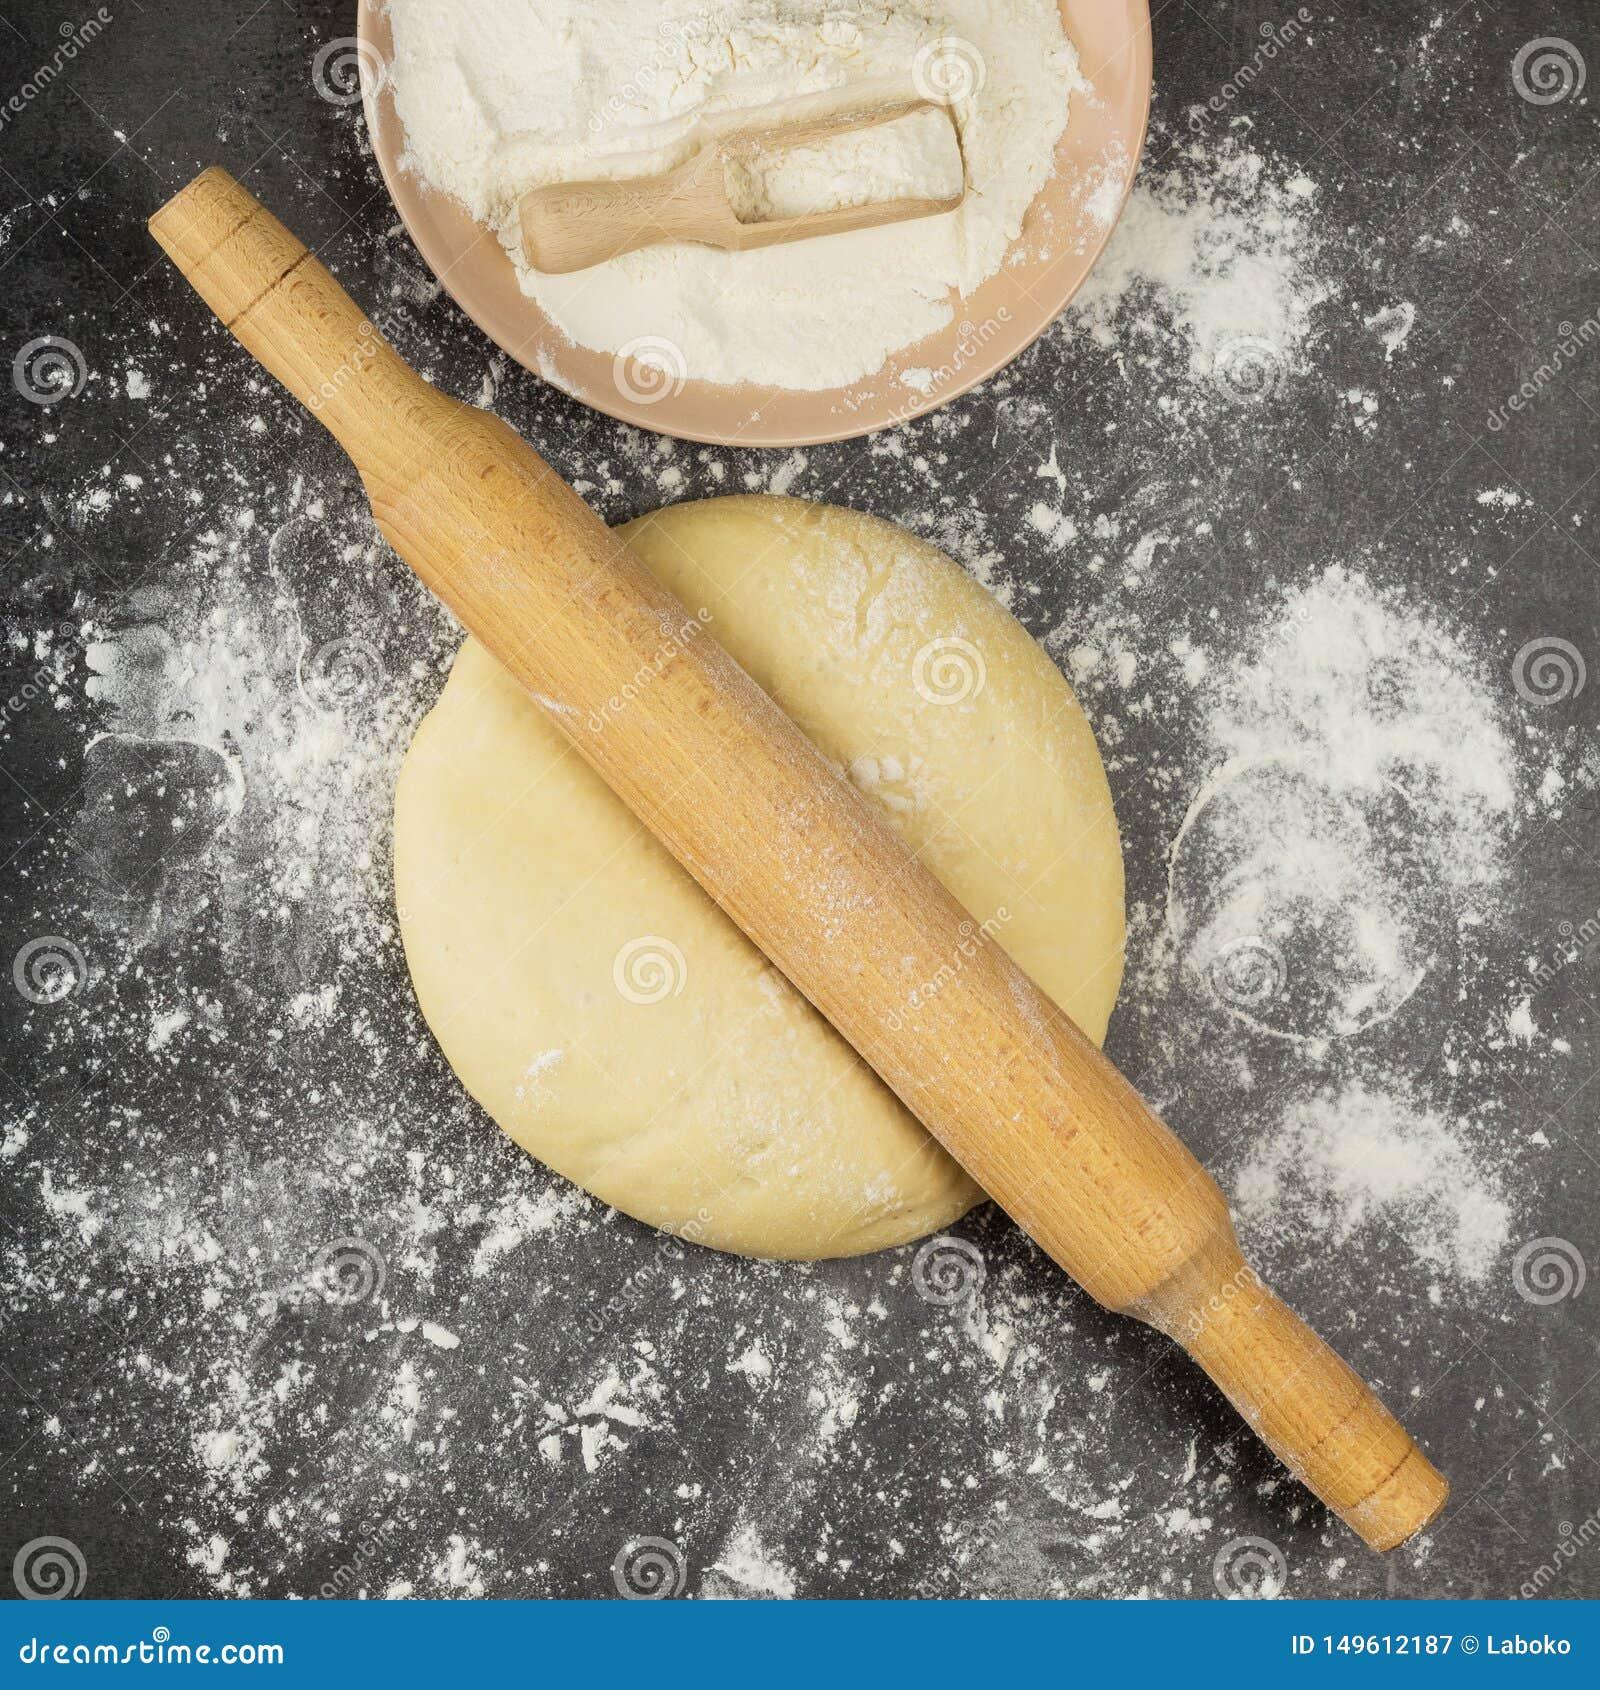 Delikatny drożdżowy ciasto dla kulebiaków, tocznej szpilki i mąki na szarości,